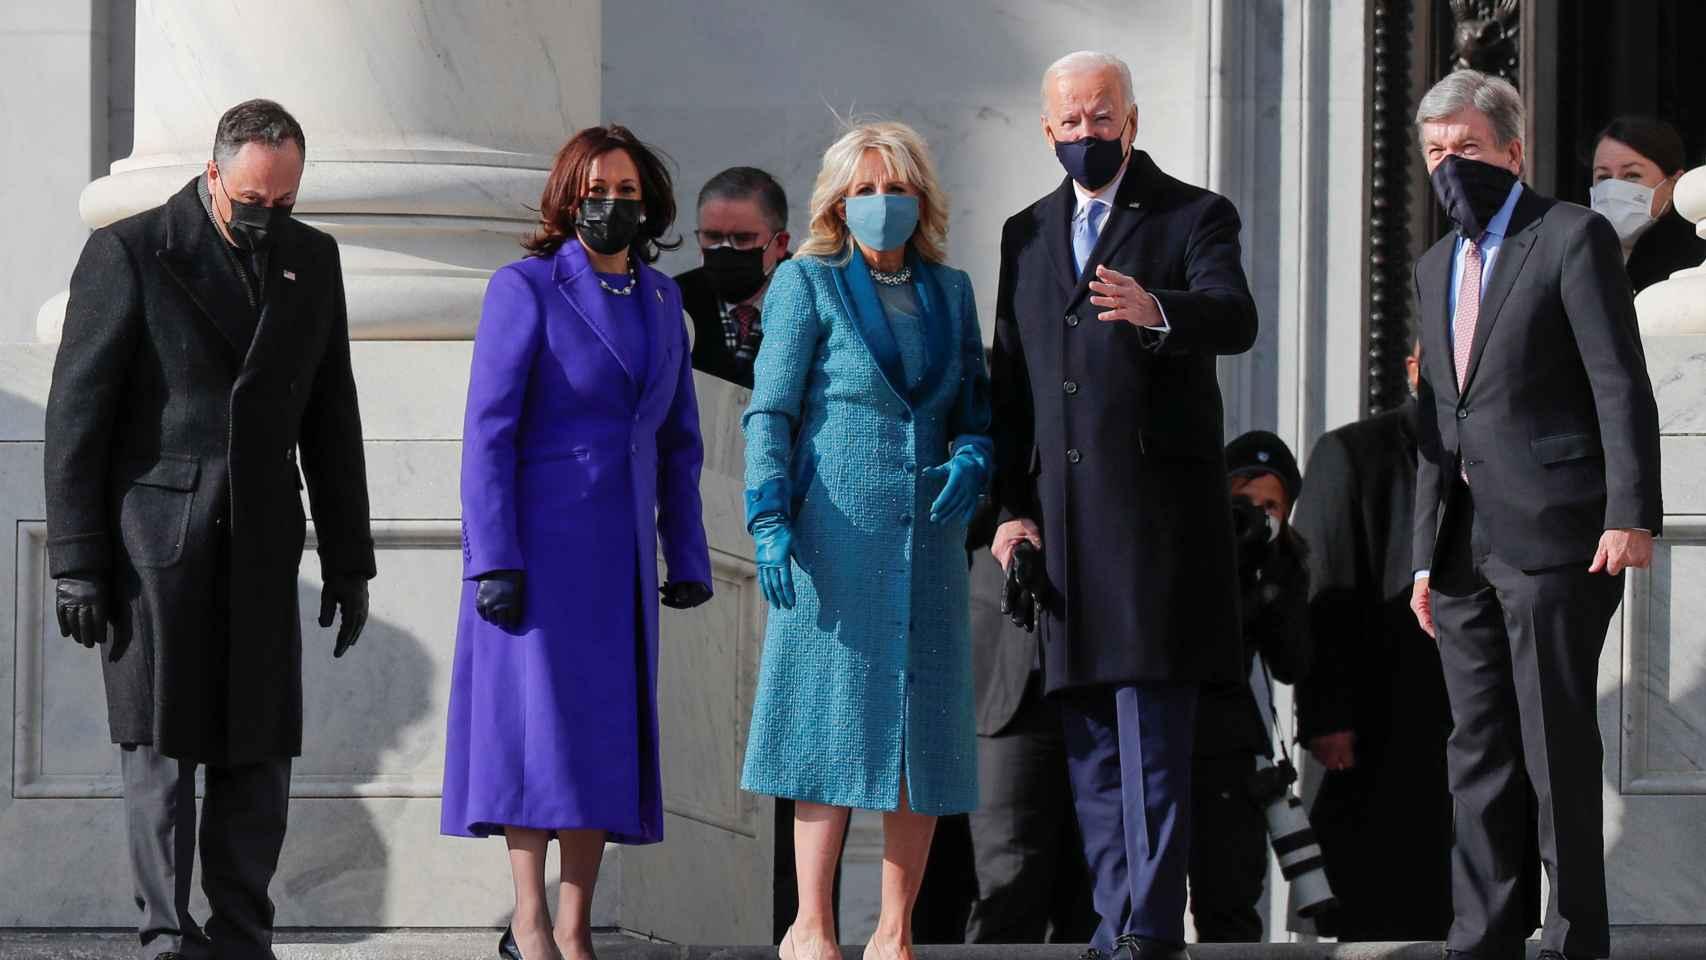 Última hora | Joe Biden llega al Capitolio para jurar como presidente de Estados Unidos